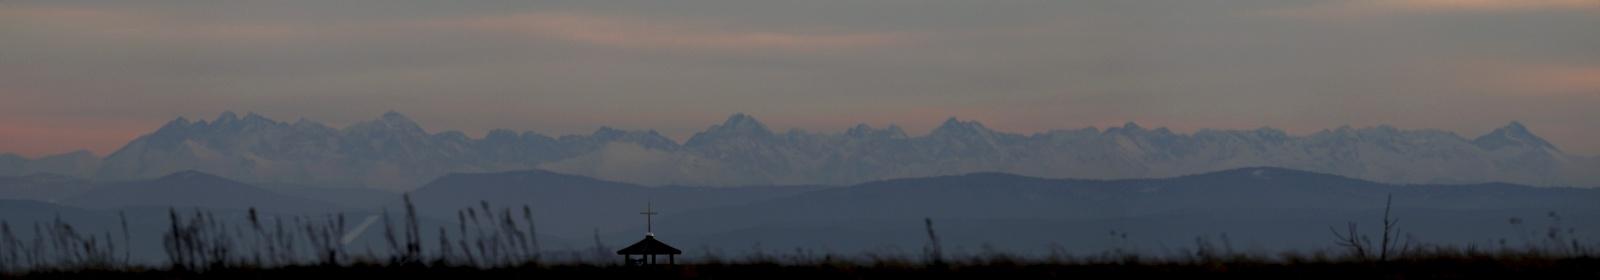 panoramka2.jpg